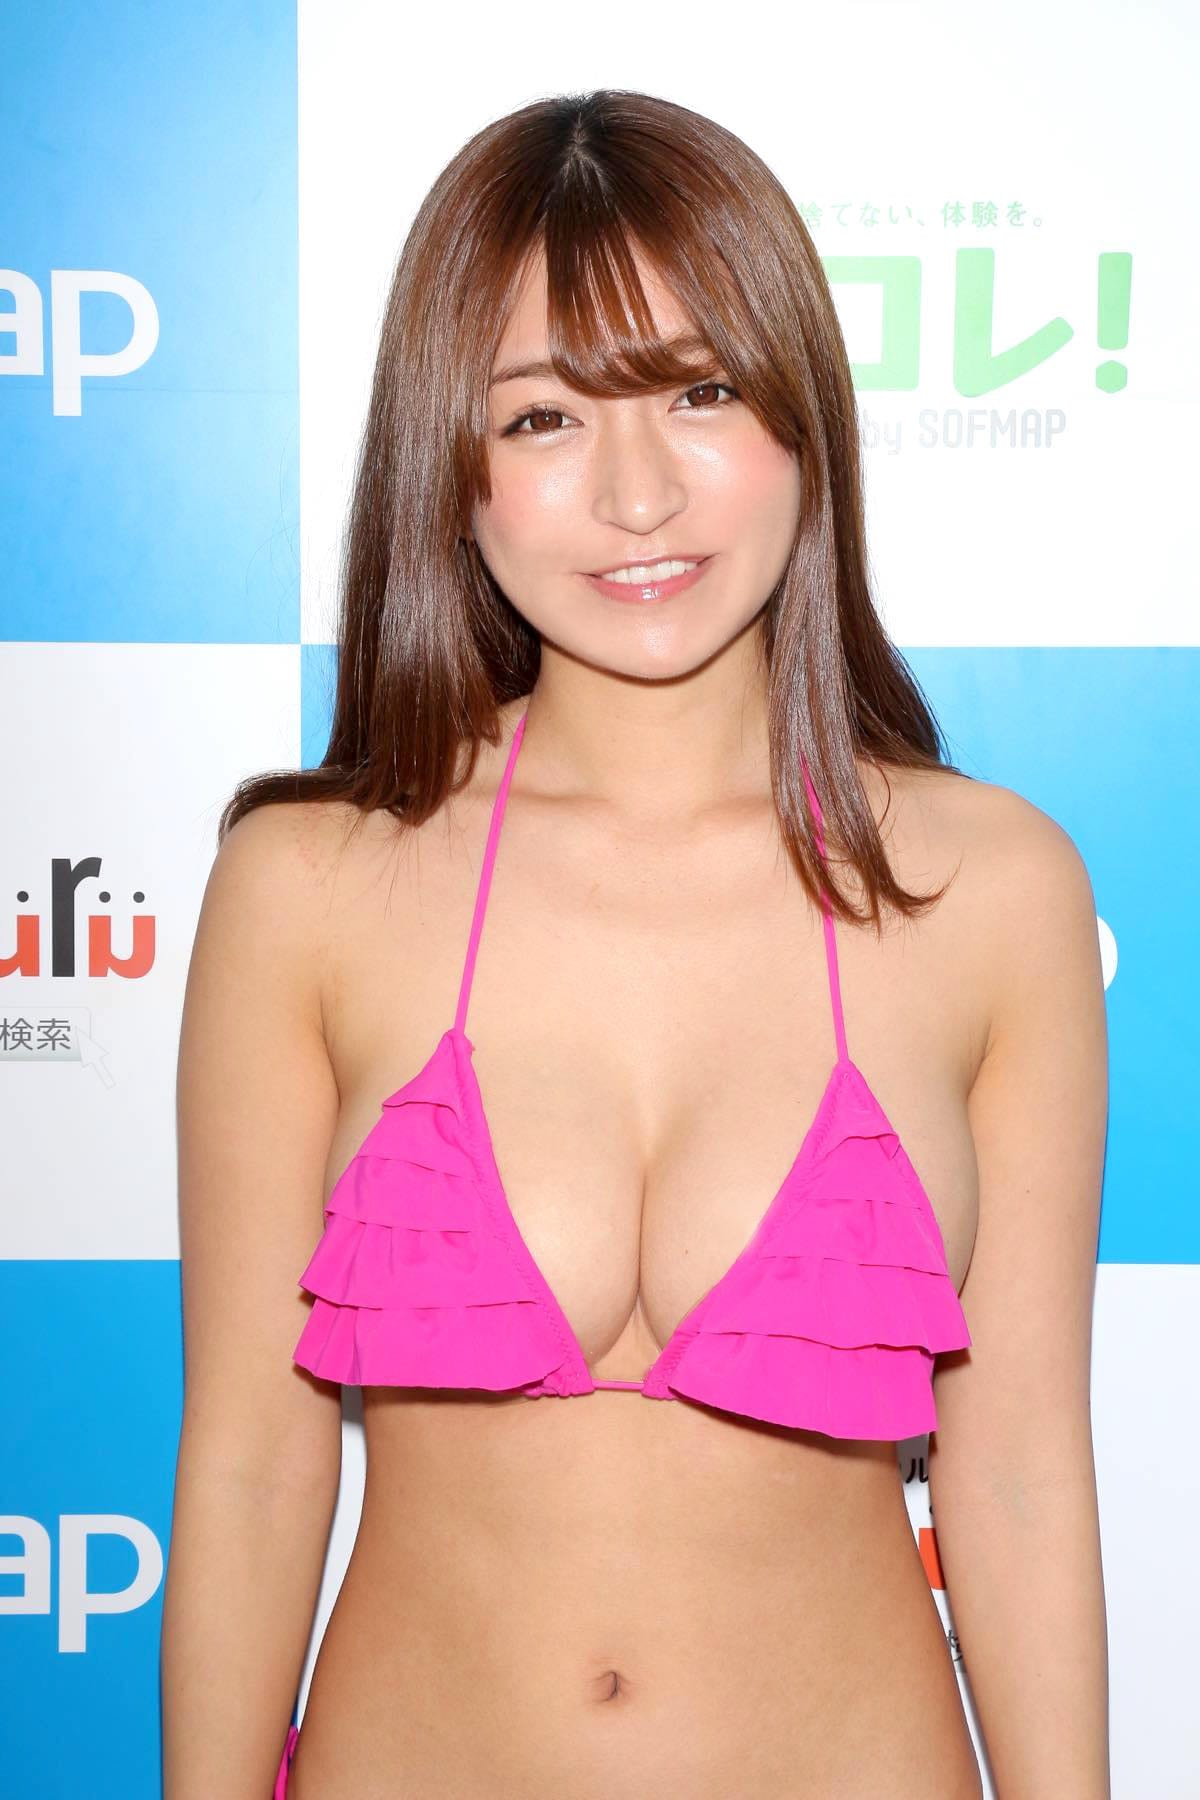 ☆HOSHINO「シャツがどんどん透けちゃう」エプロンはほぼ裸!【写真35枚】の画像009